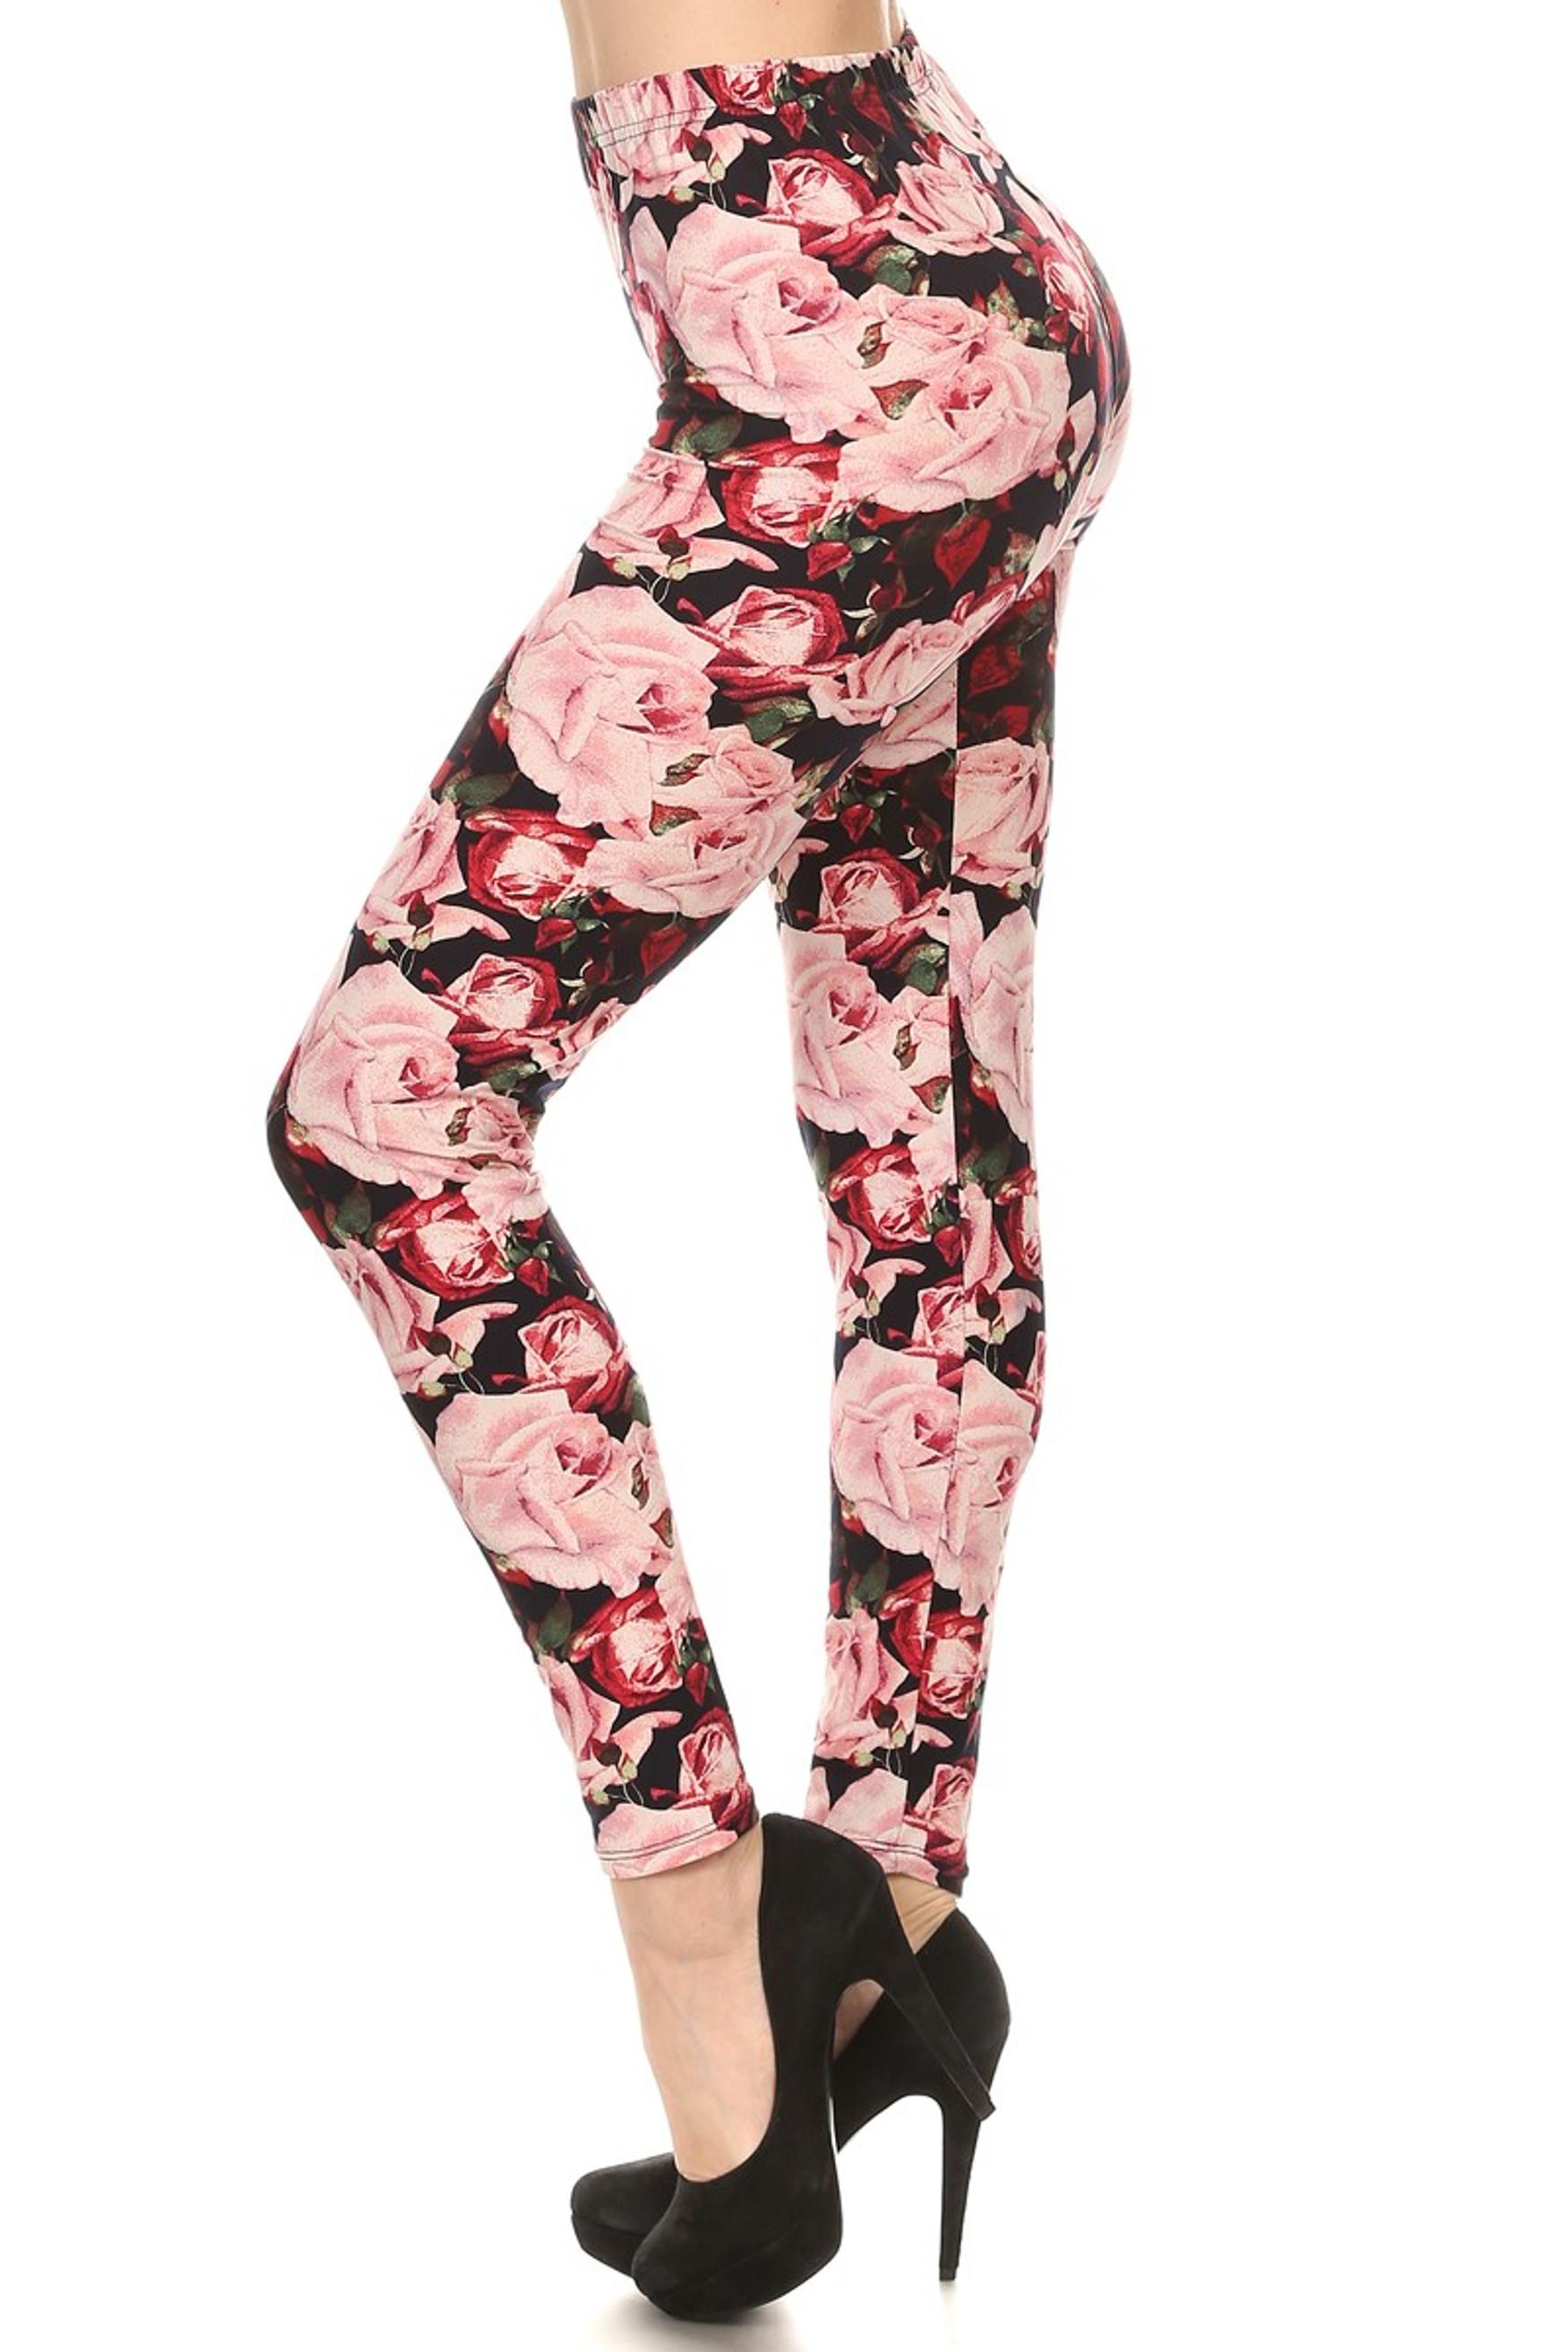 Lush Pink Rose Plus Size Leggings